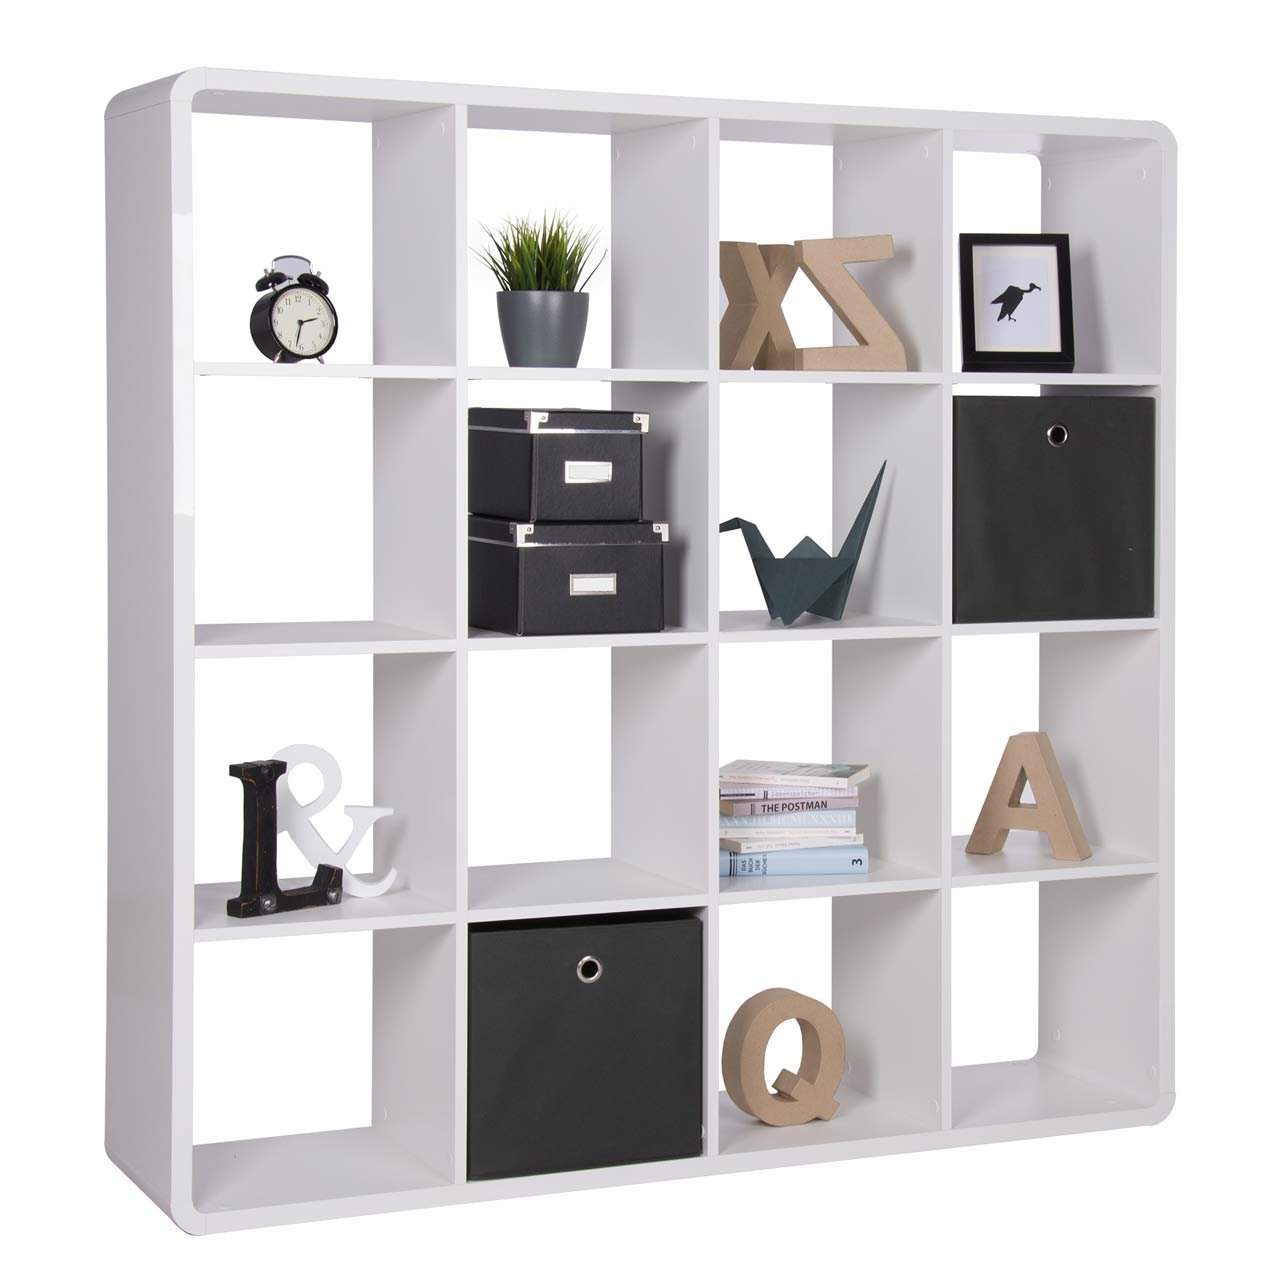 Bücherregal CUBO 16er Raumteiler Hochglanz Weiß mit abgerundeten Ecken 141x141x33cm günstig